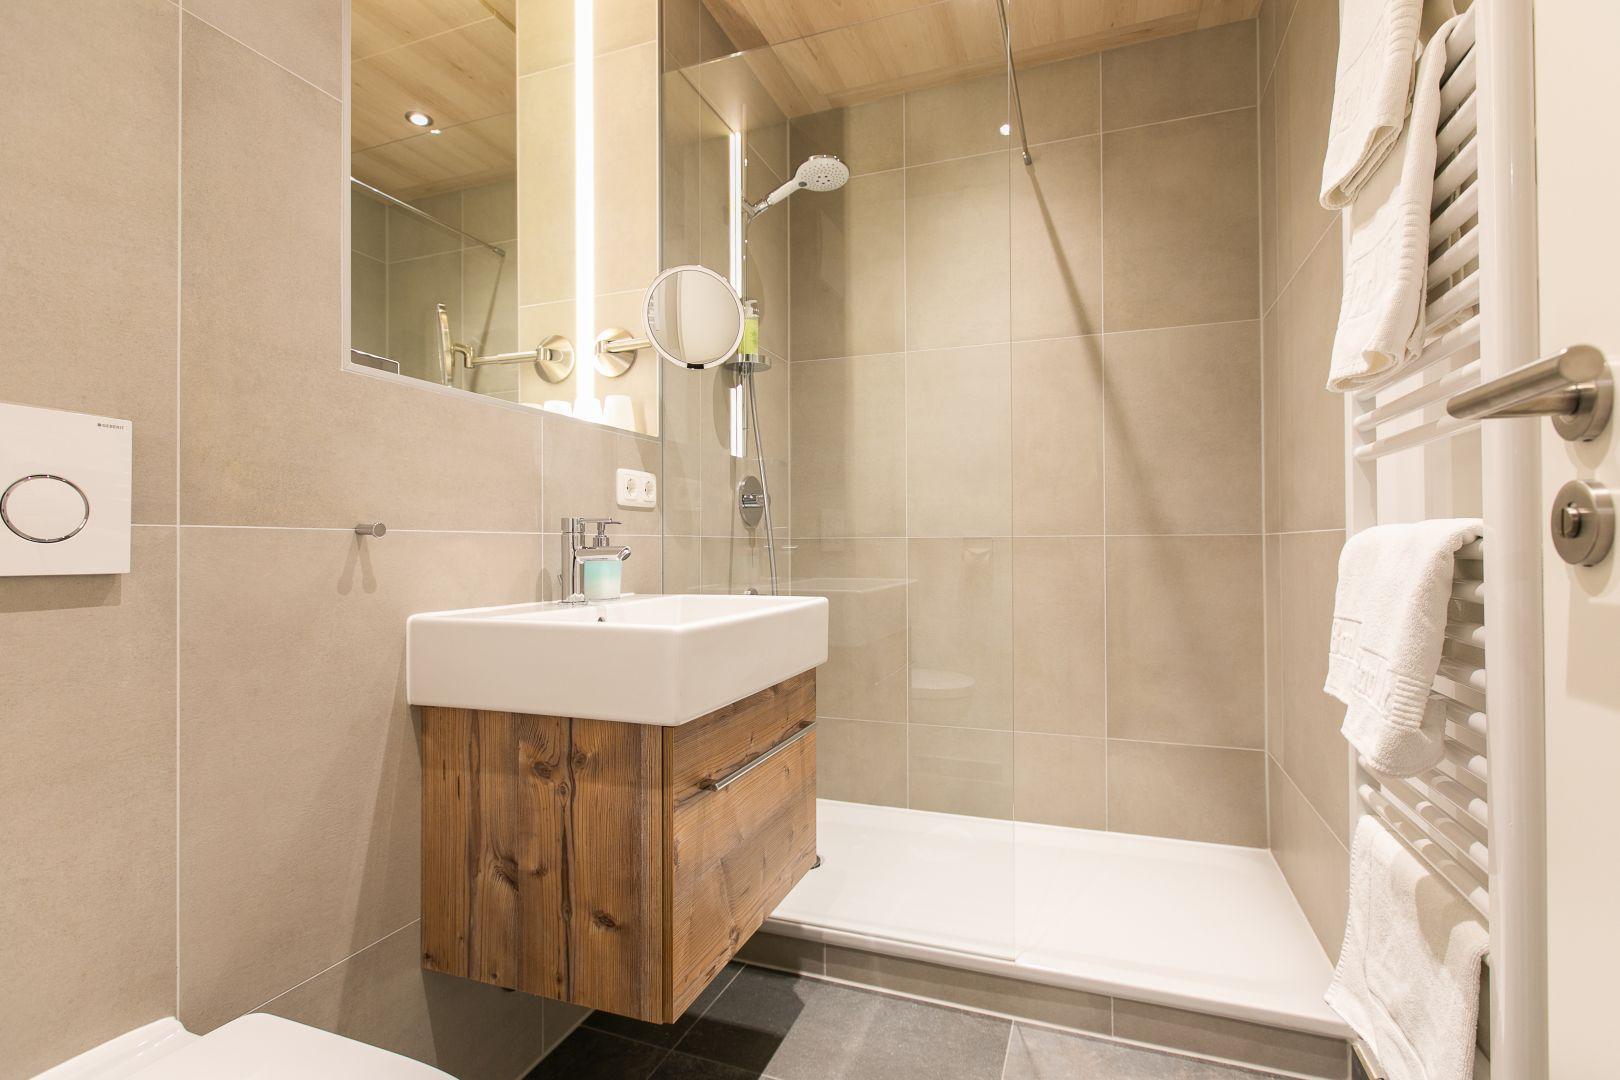 Doppelzimmer, Badezimmer, Zimmer